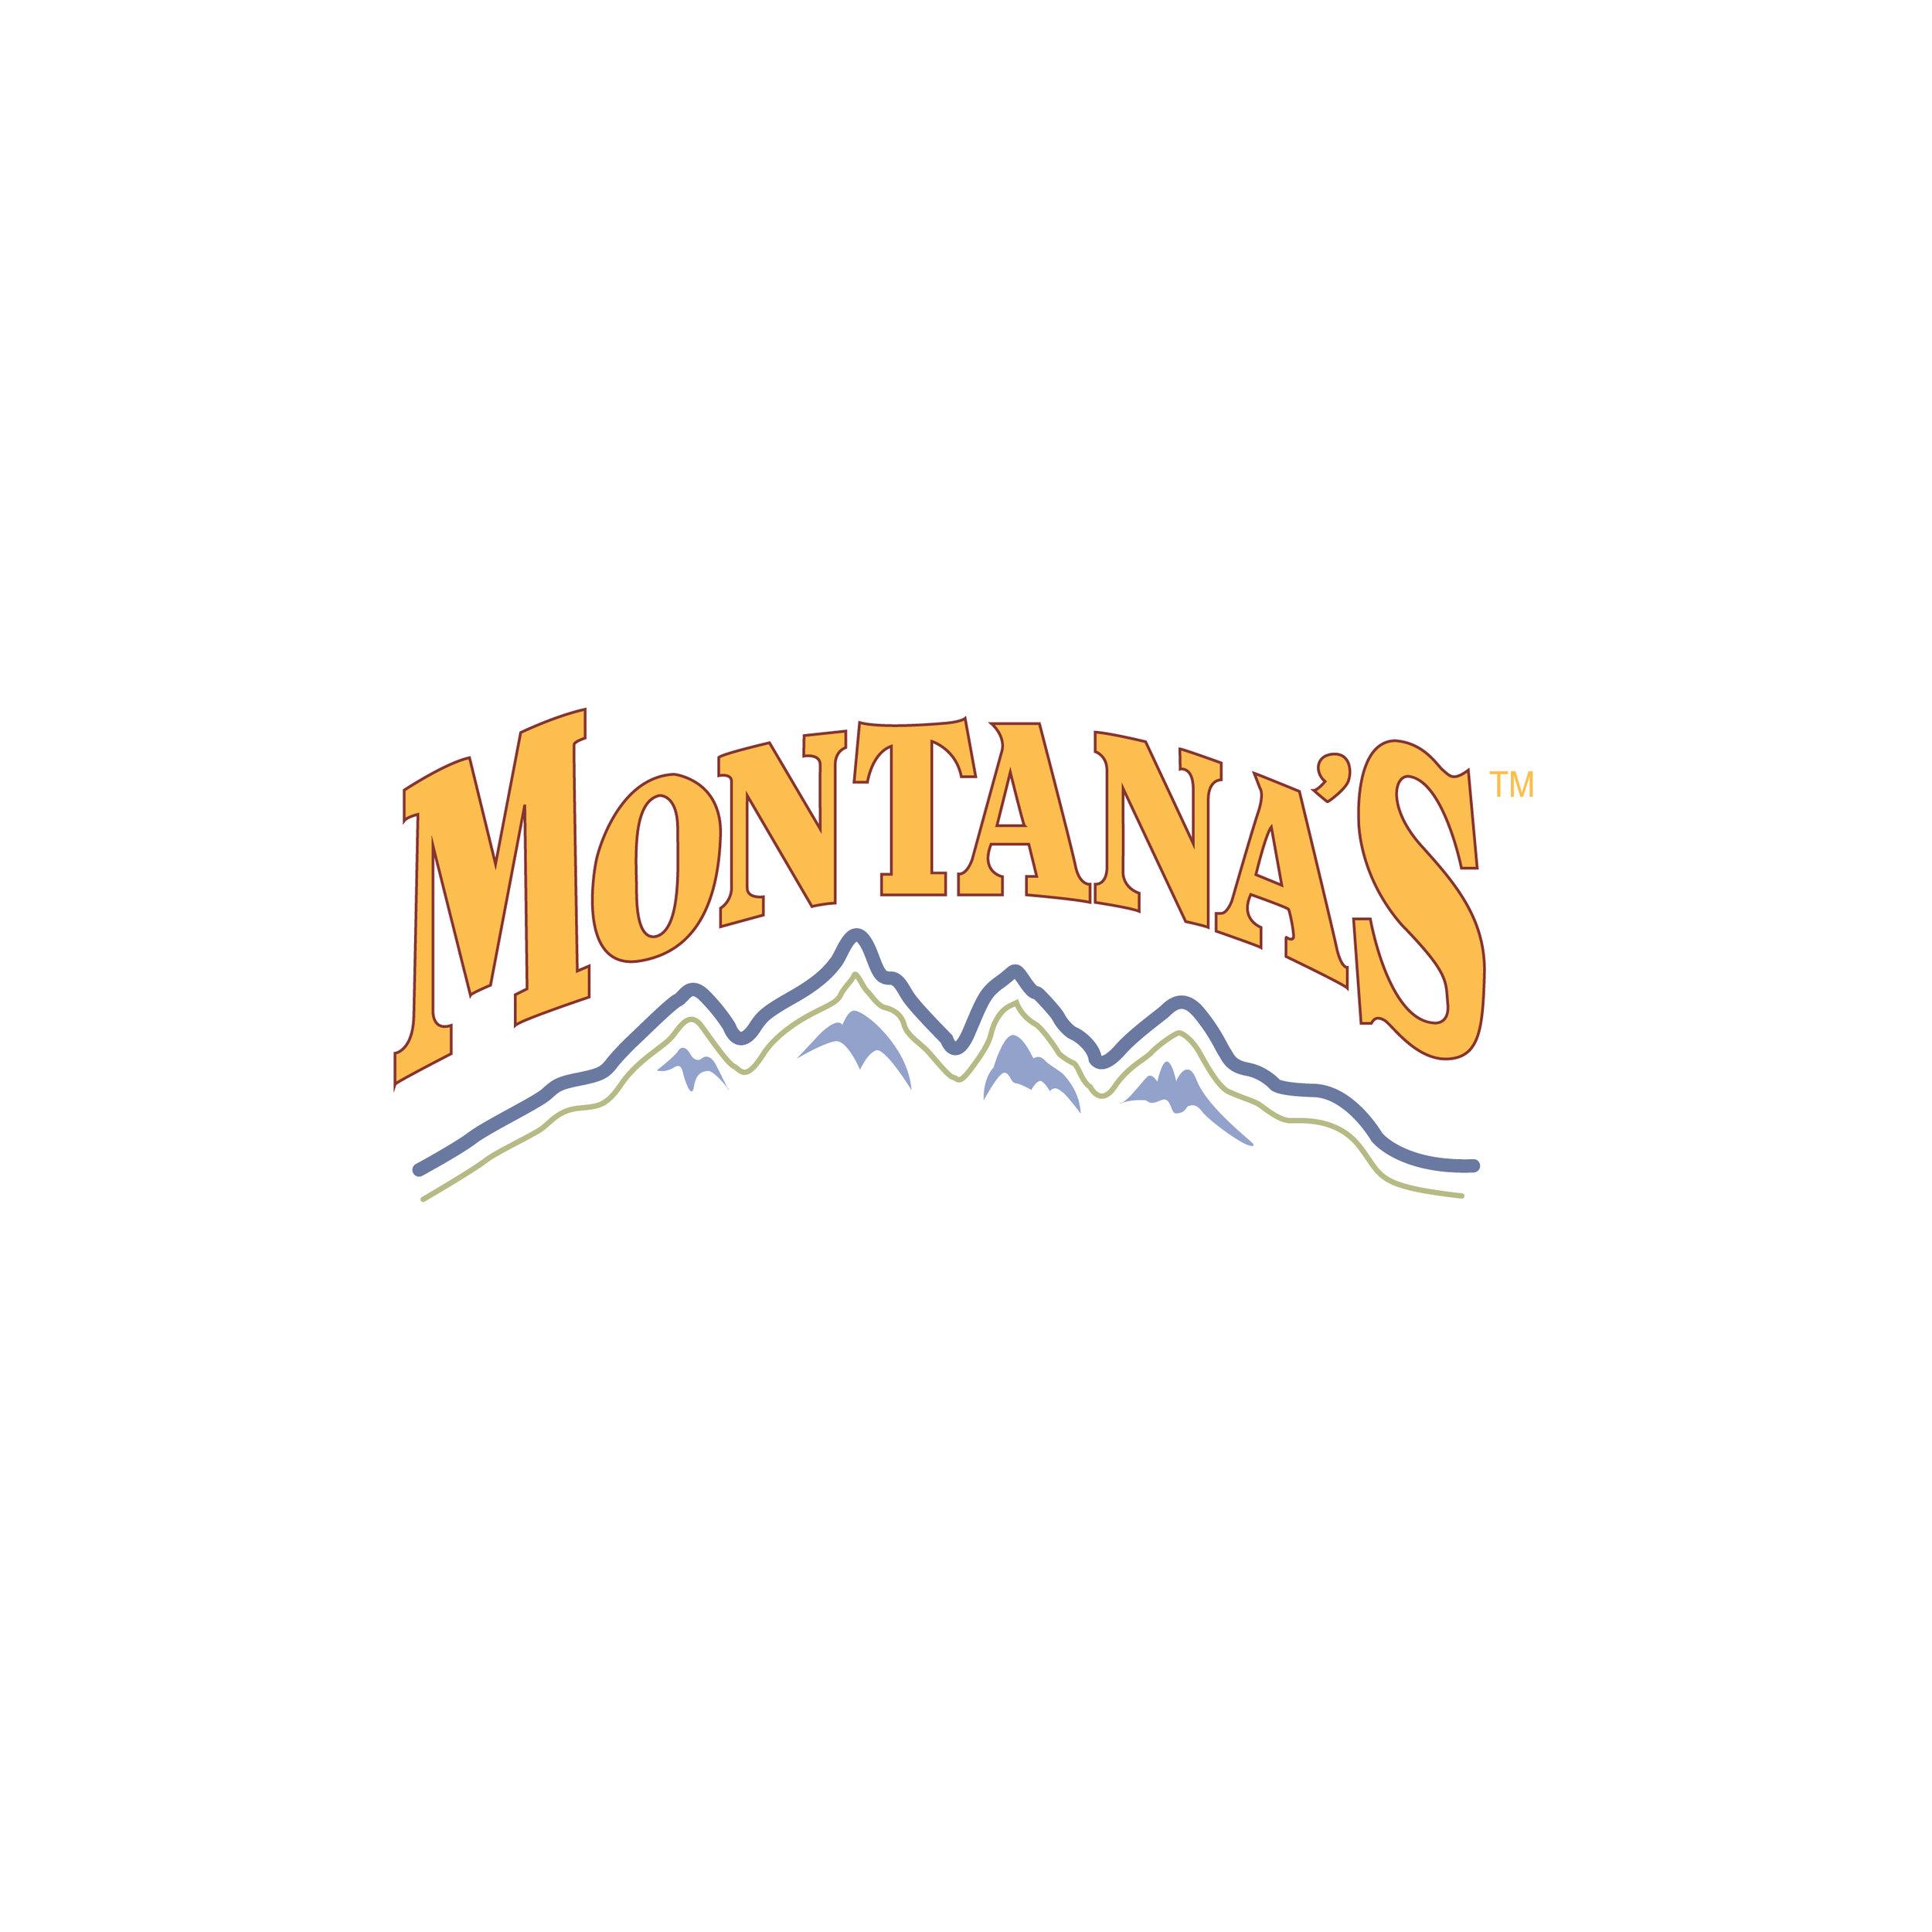 Montanas_Yellow_Logo_Vector-01.jpg